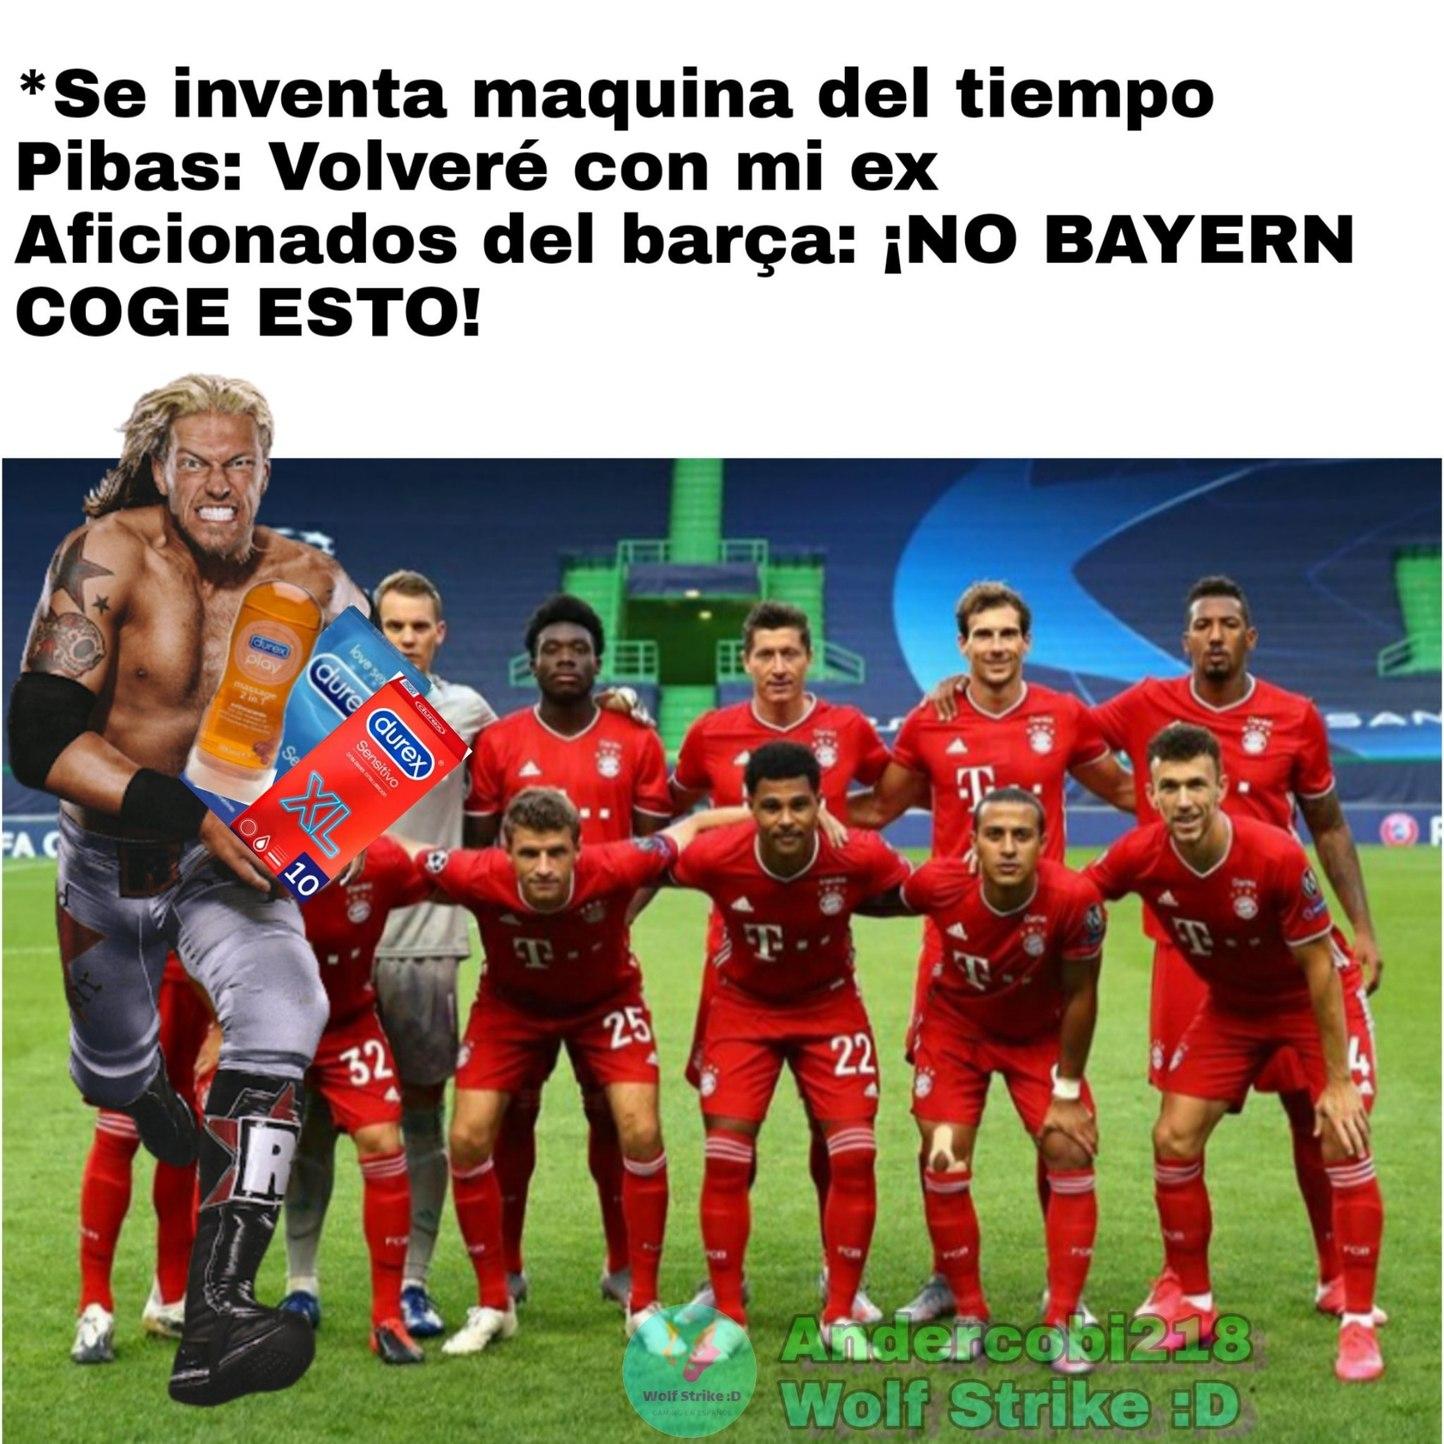 BAYERN CUIDADO NO LO LASTIMES - meme